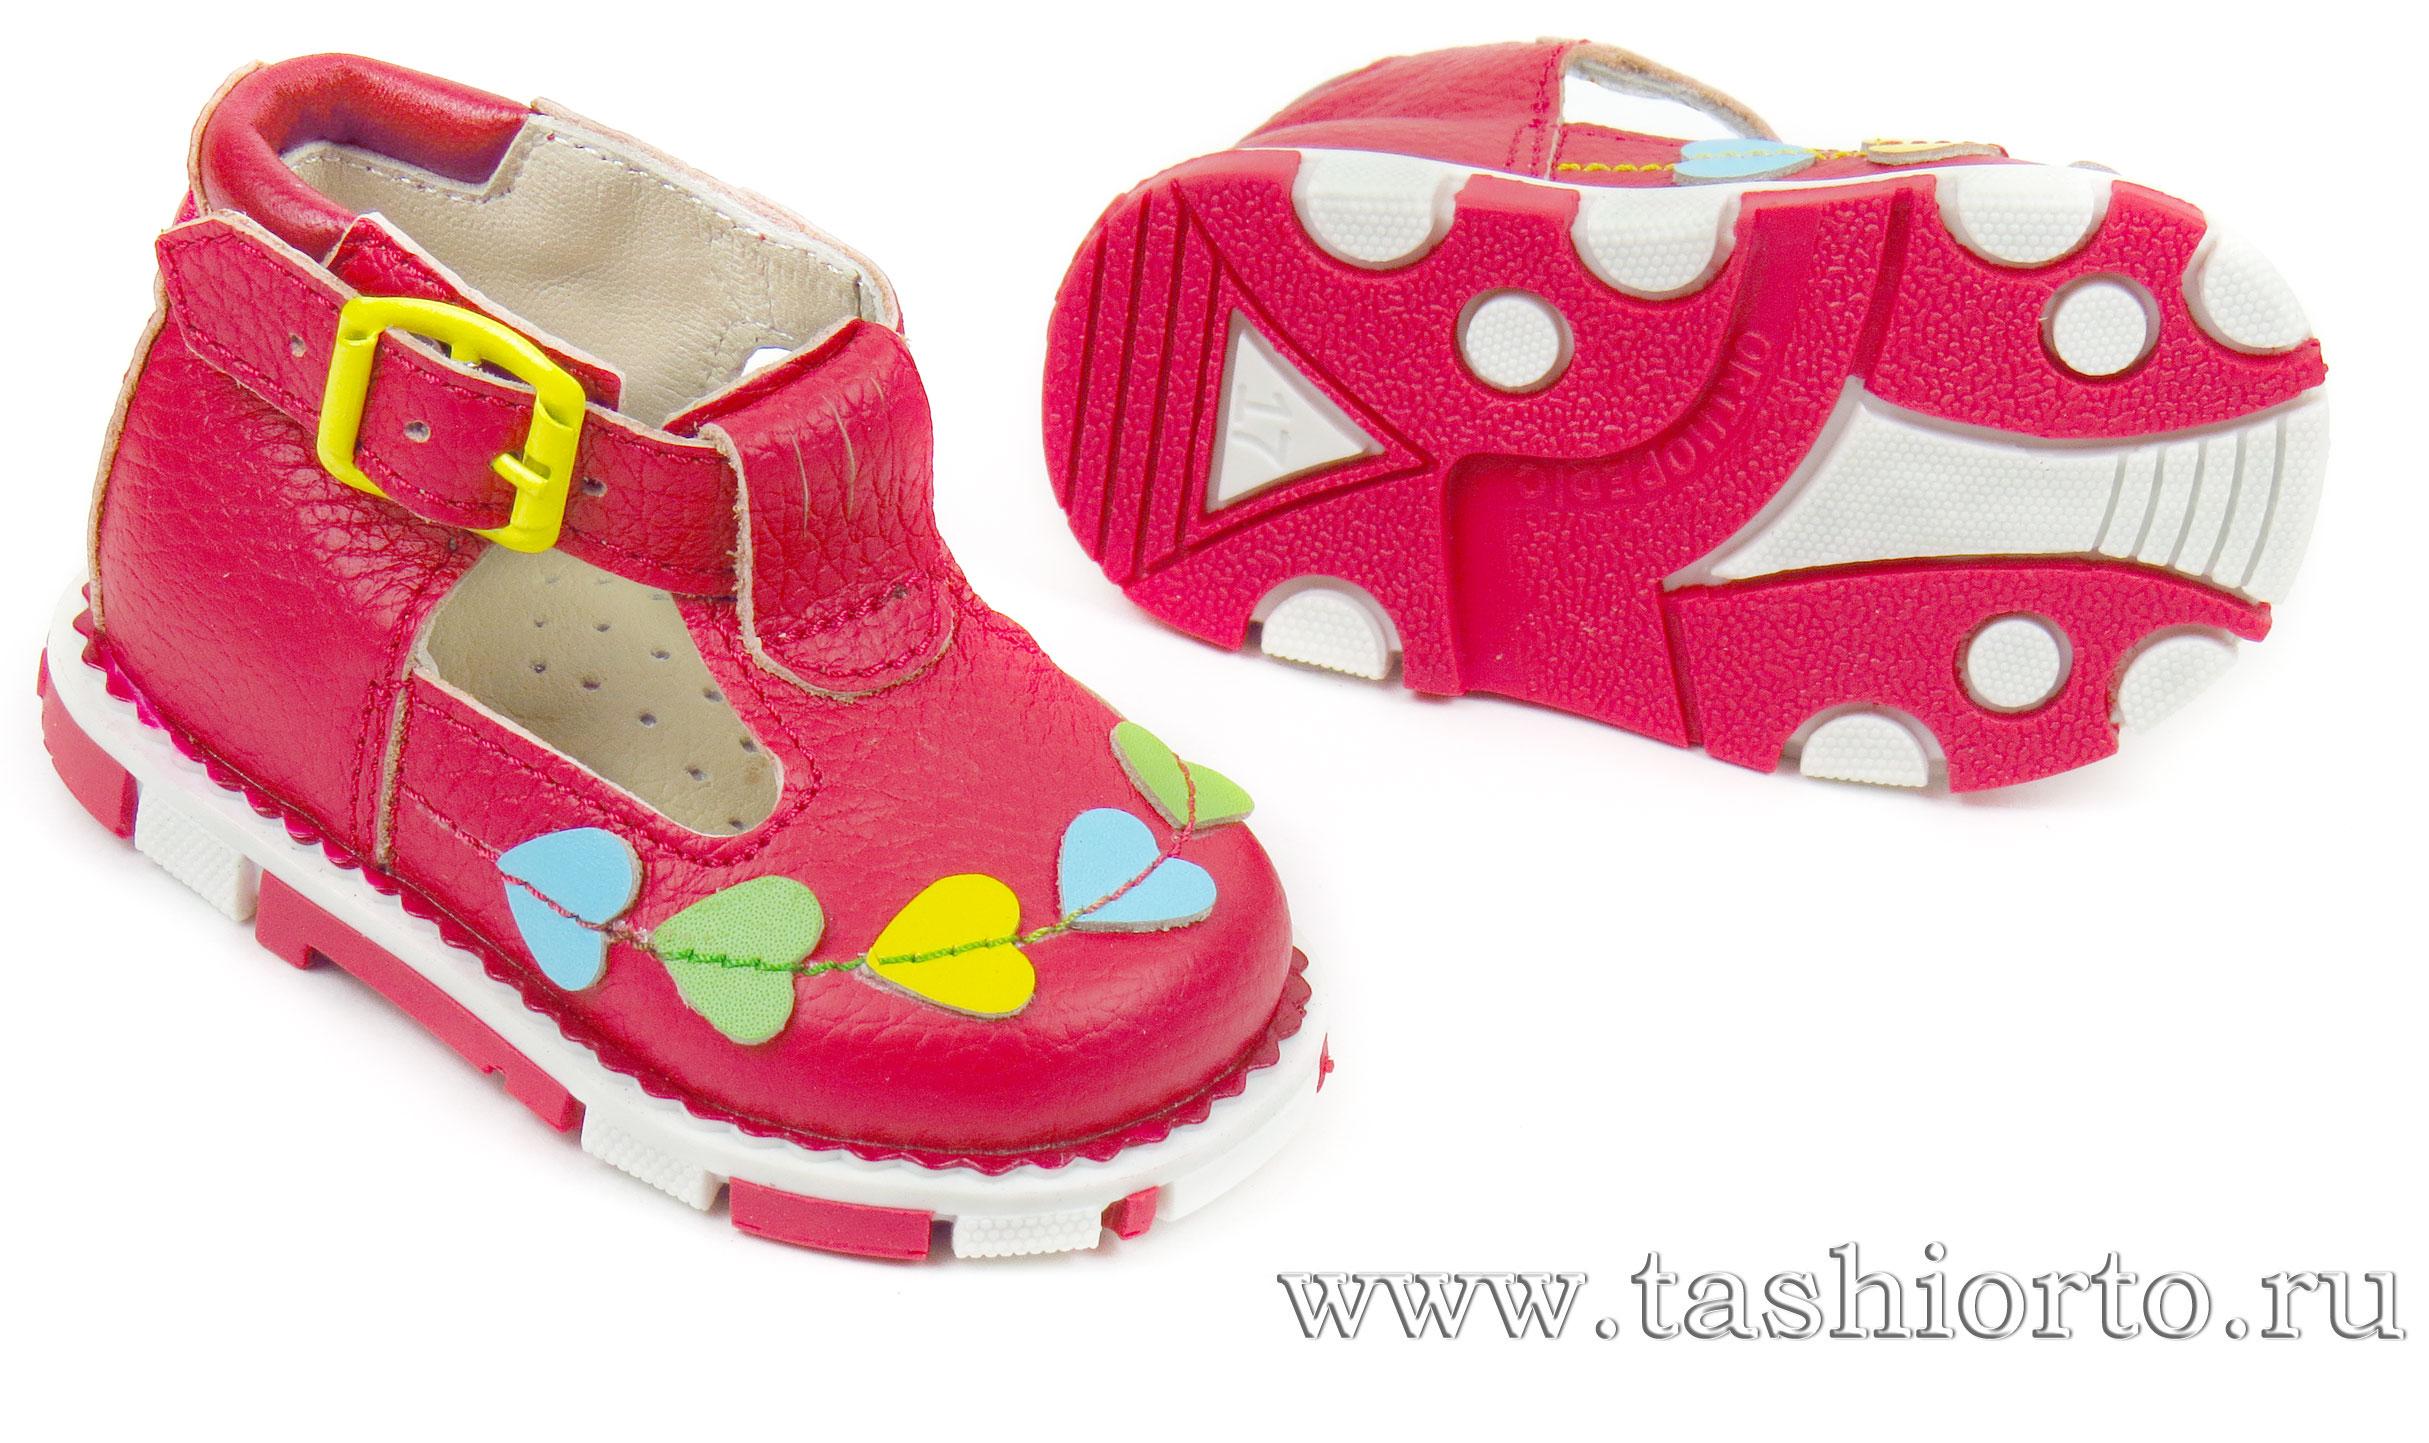 Детские профилактические туфли